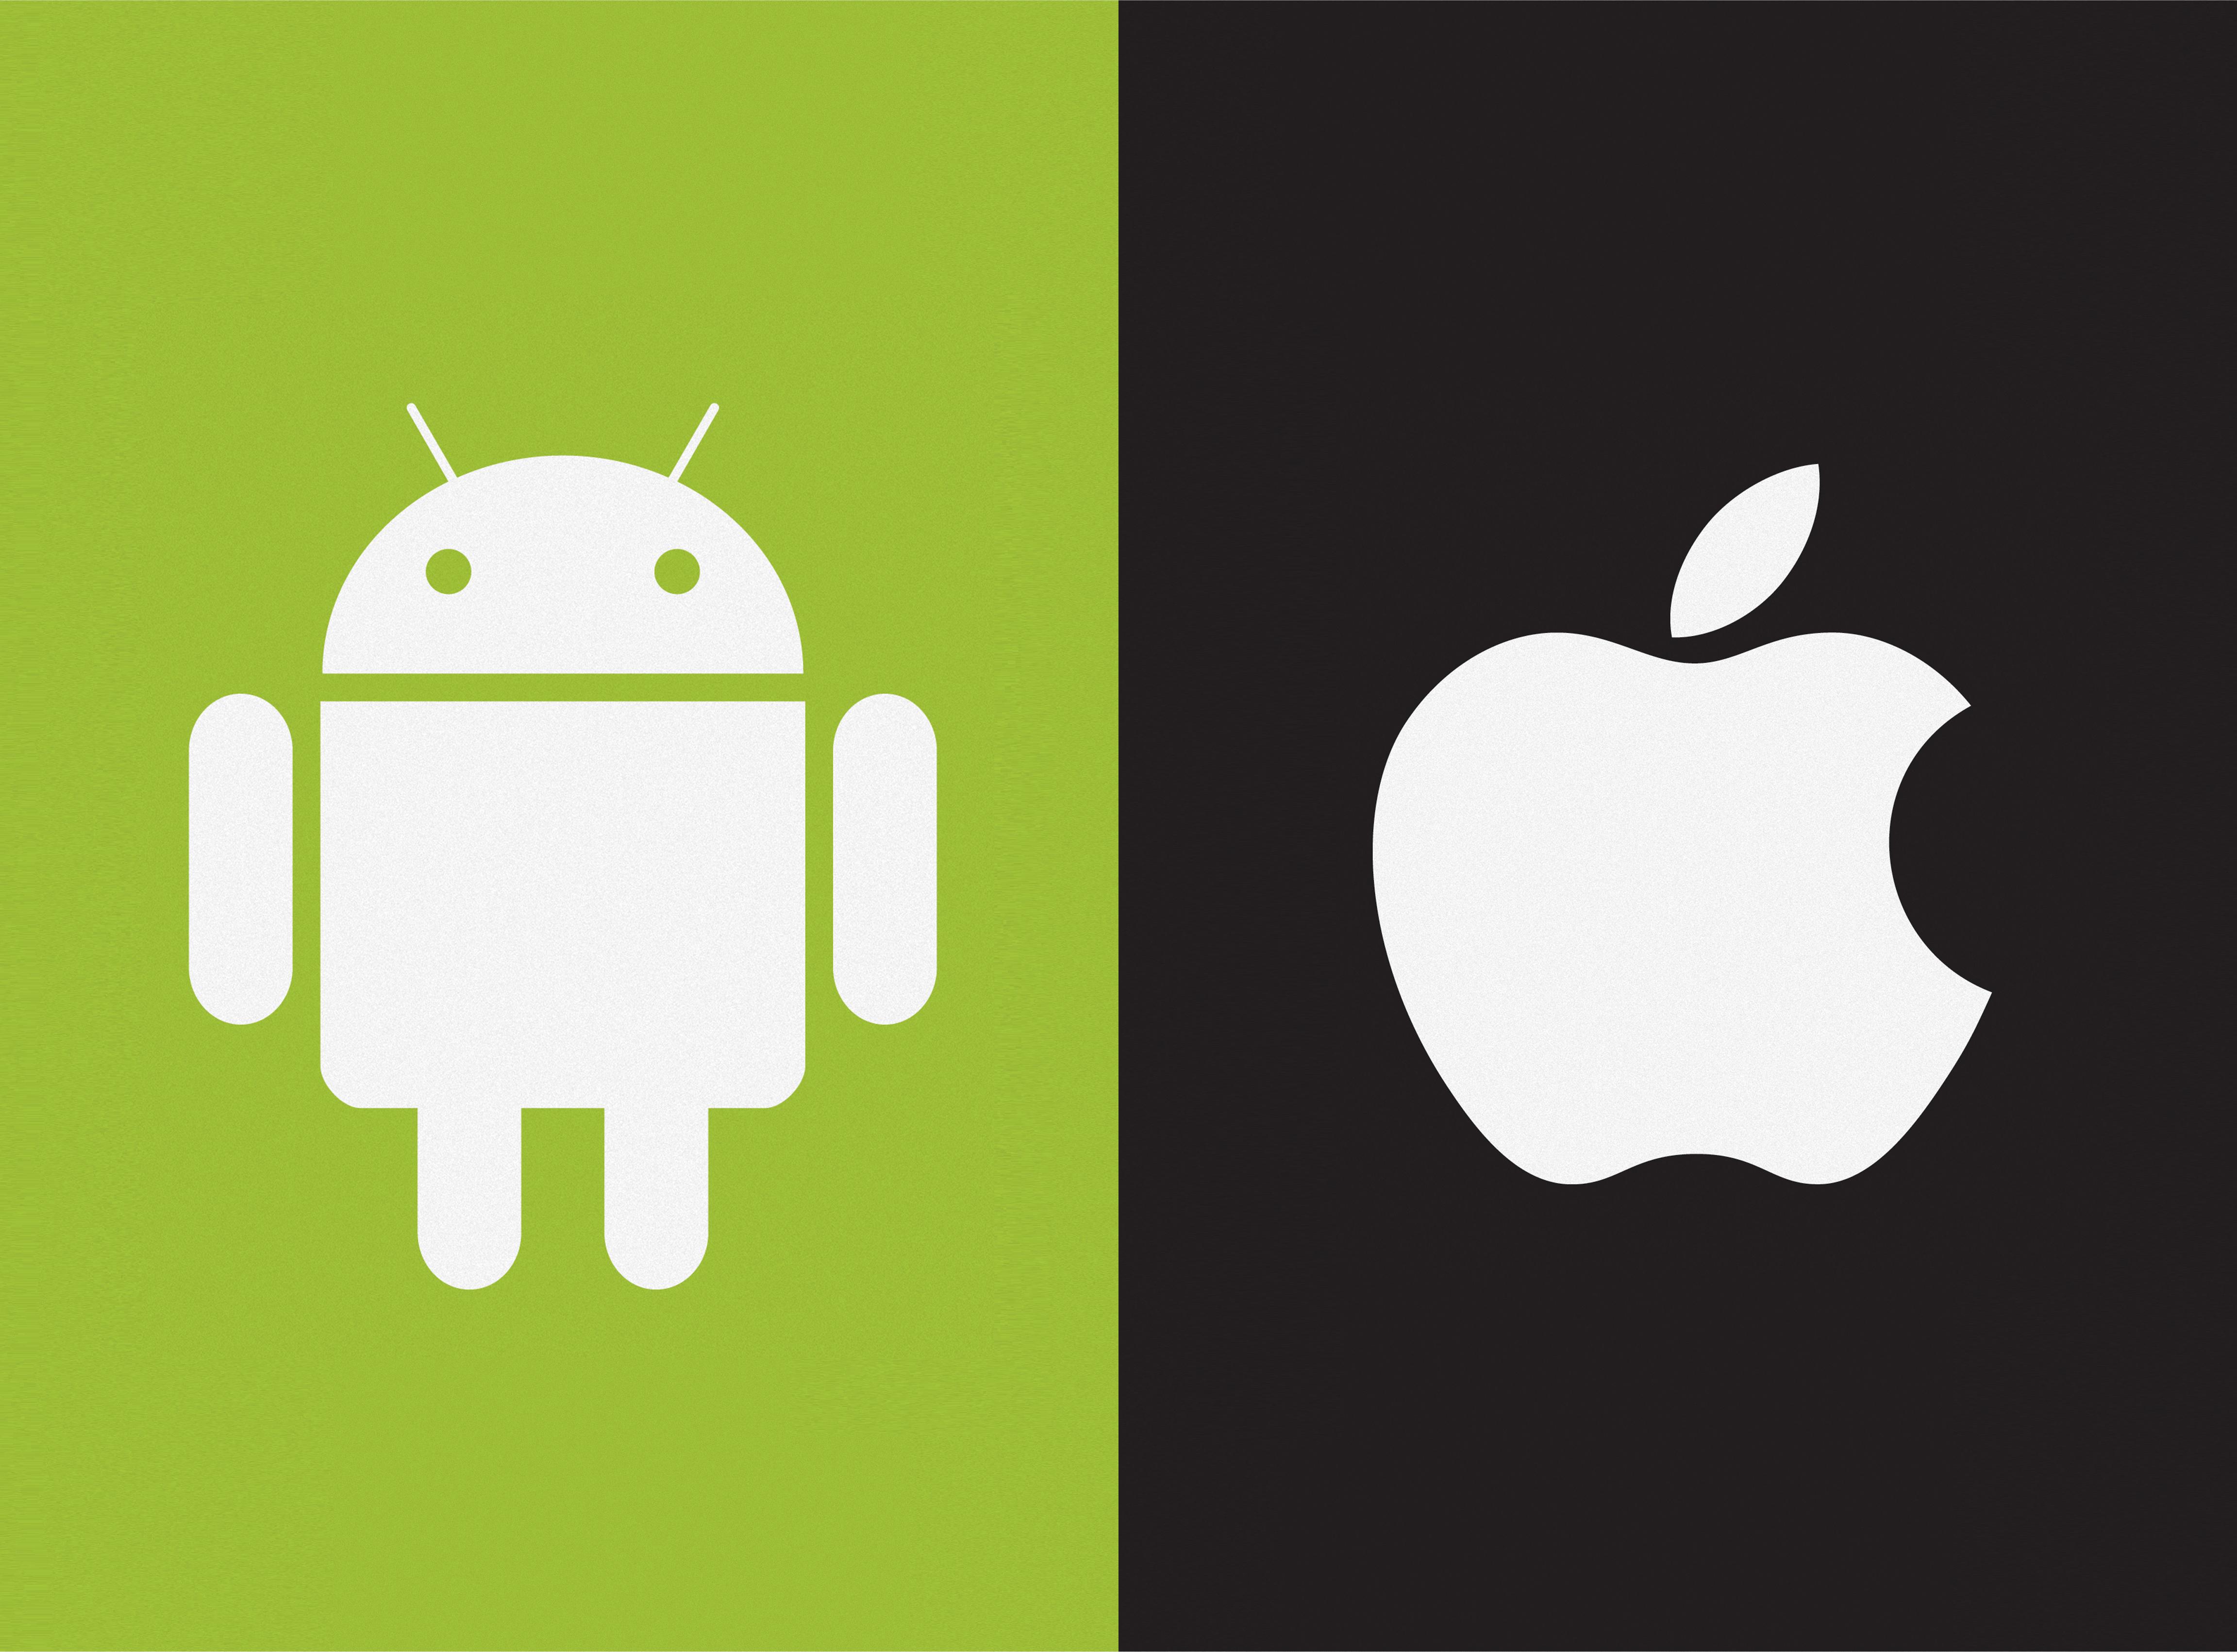 AndroidアプリとiPhoneアプリの開発環境の違い